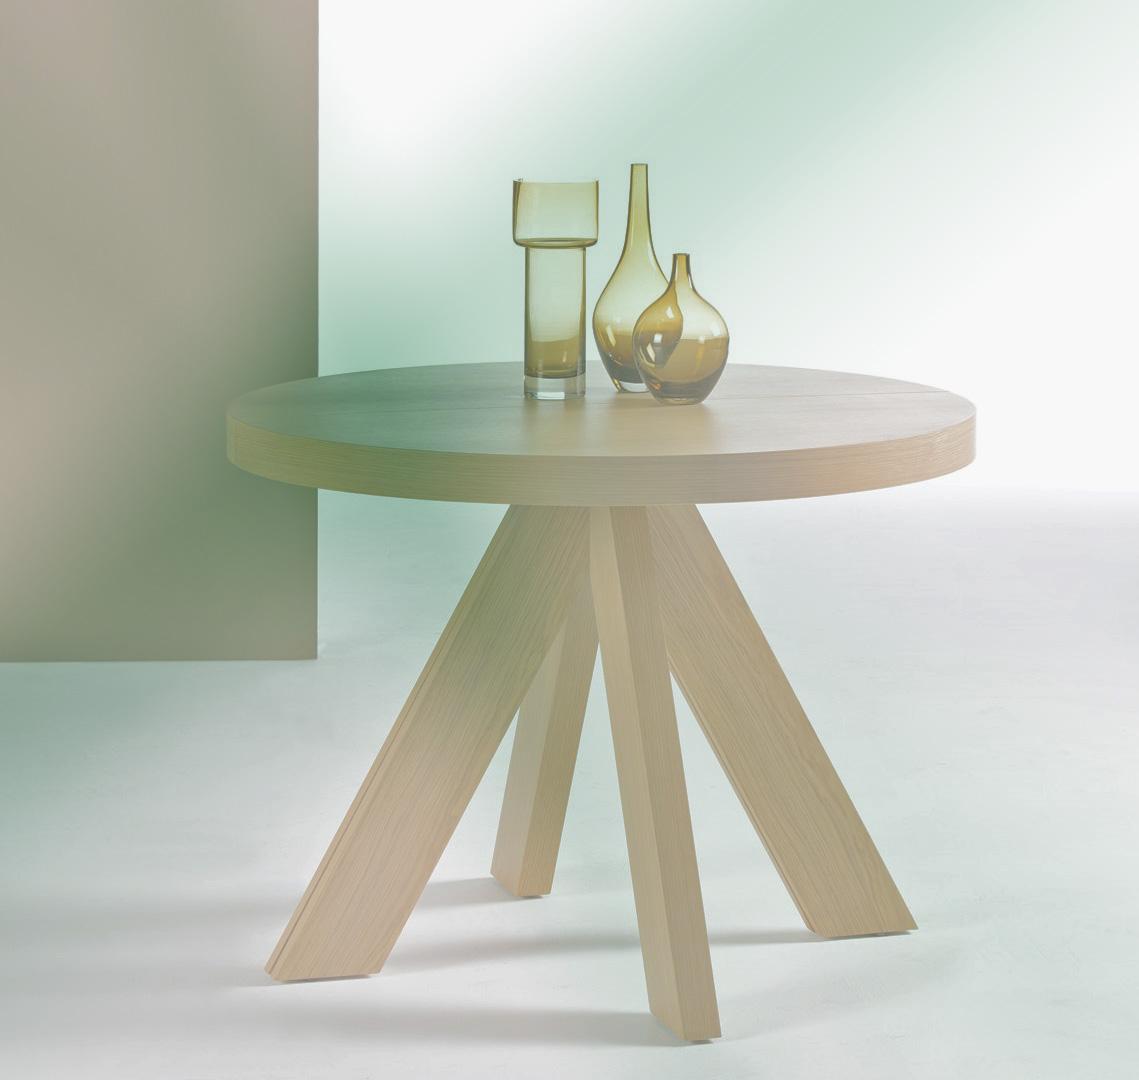 Patas para mesas de comedor perfect mesa de comedor con - Patas para mesas redondas ...